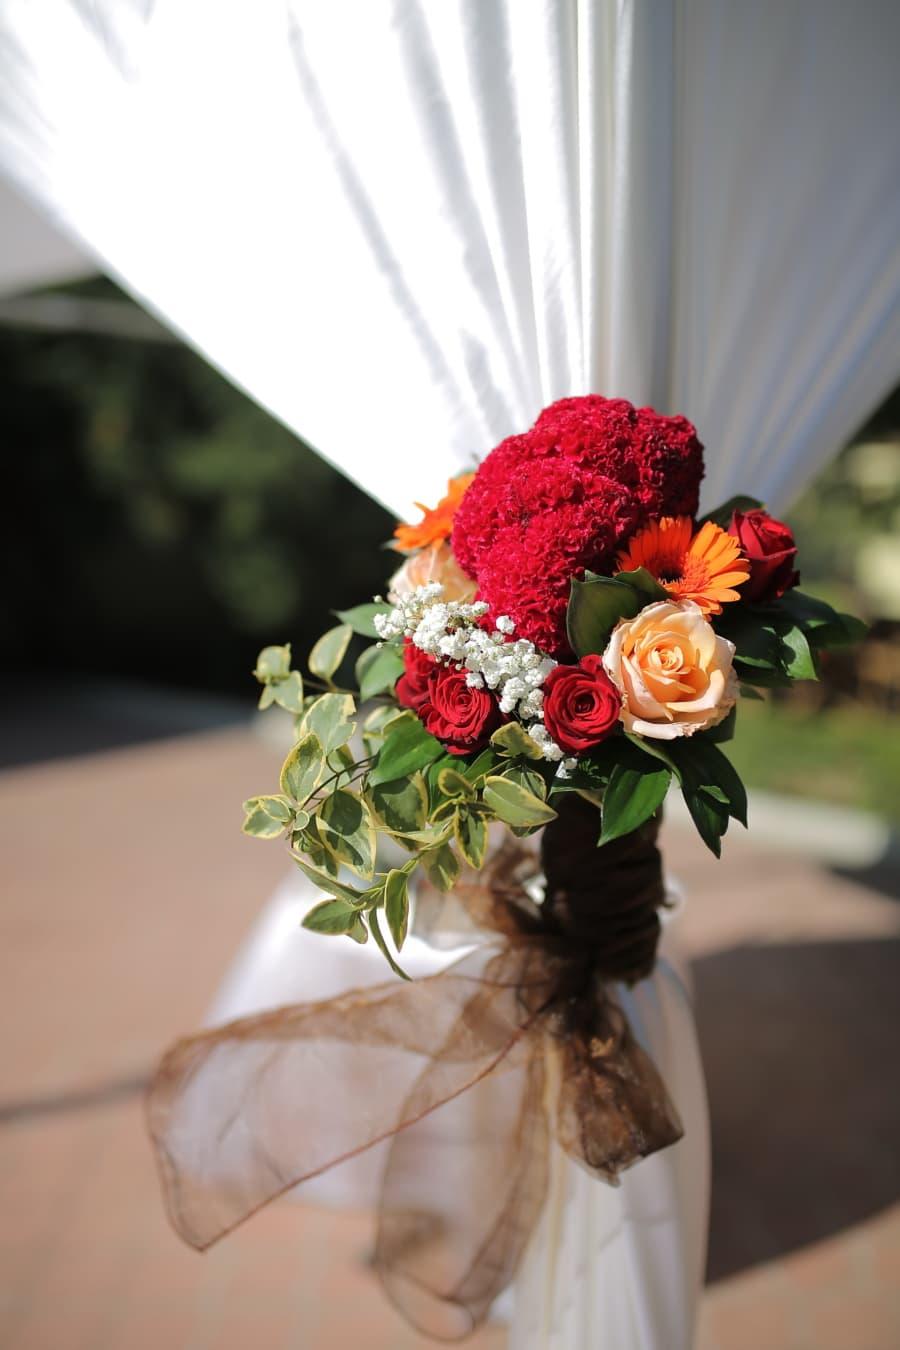 salle de mariage, rideau, bouquet, fleurs, mariage, fleur, Rose, décoration, feuille, des roses